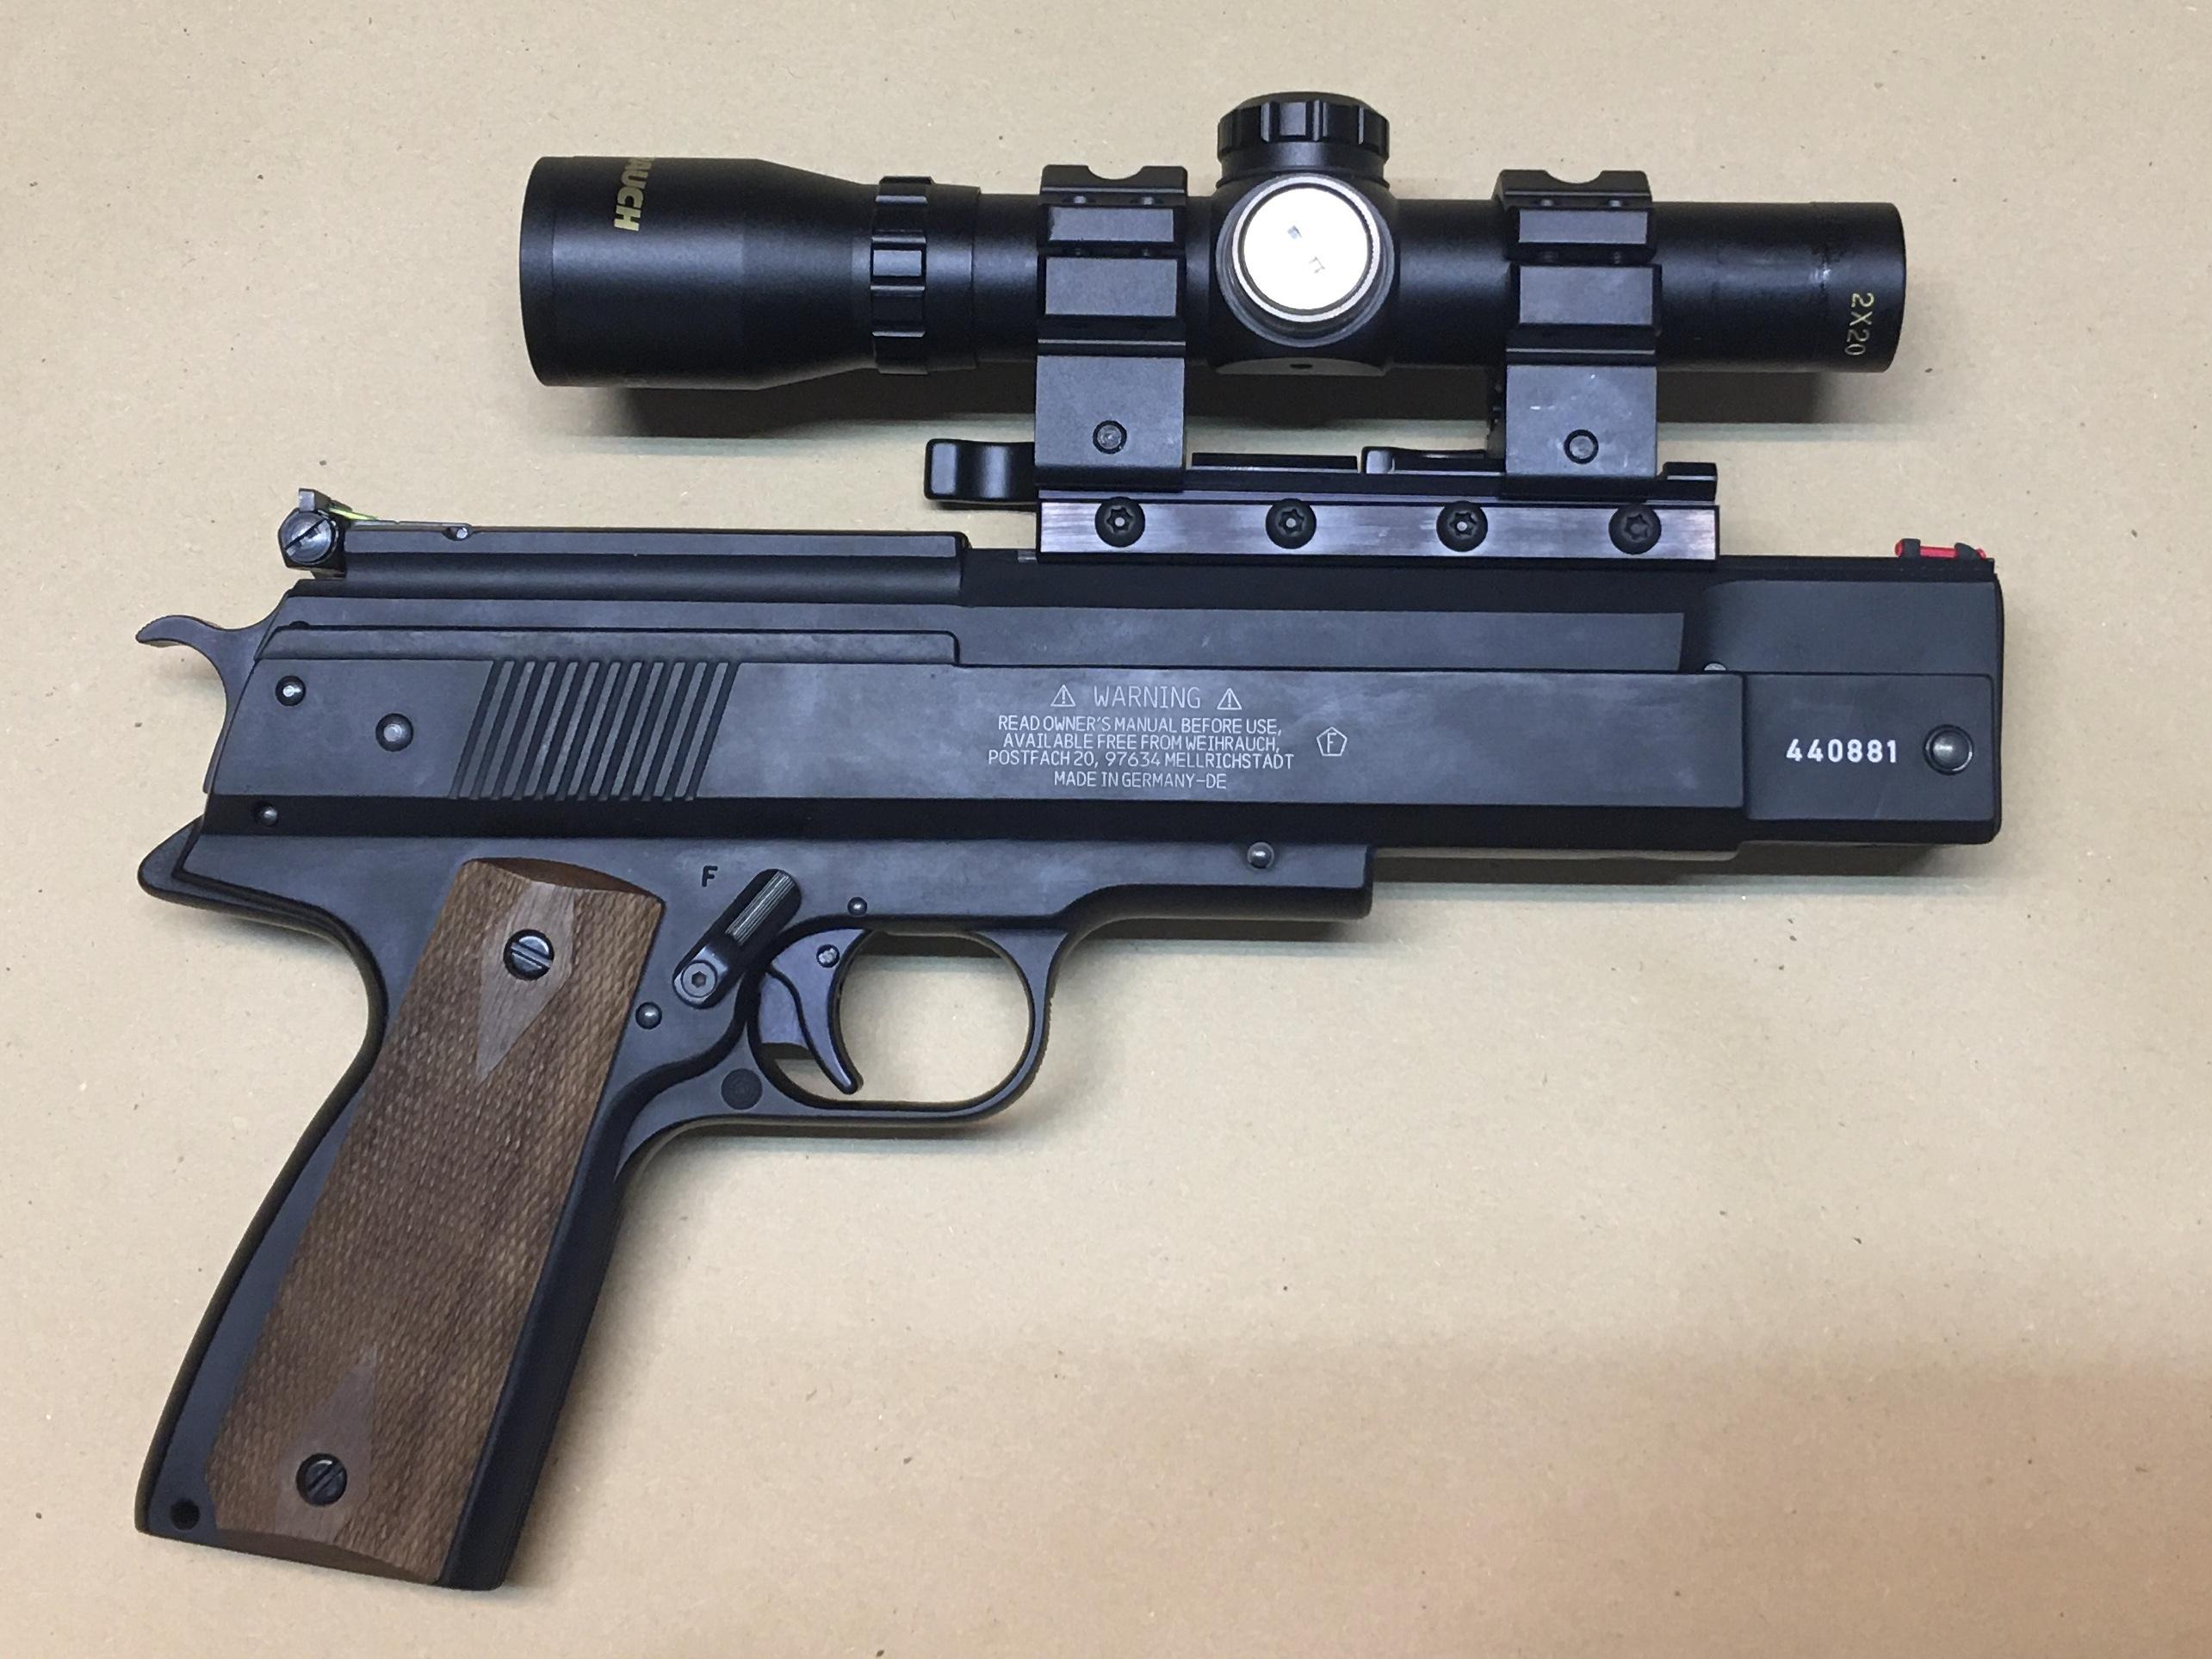 Wir so ein Pistolen Zielfernrohr an Modell 45 befestigen möchte, muss sich Gedanken über eine robuste Montagemöglichkeit machen. Modell 45 hat eine eigentümliche Schienen Breite und ist im Schussverhalten ruppig.